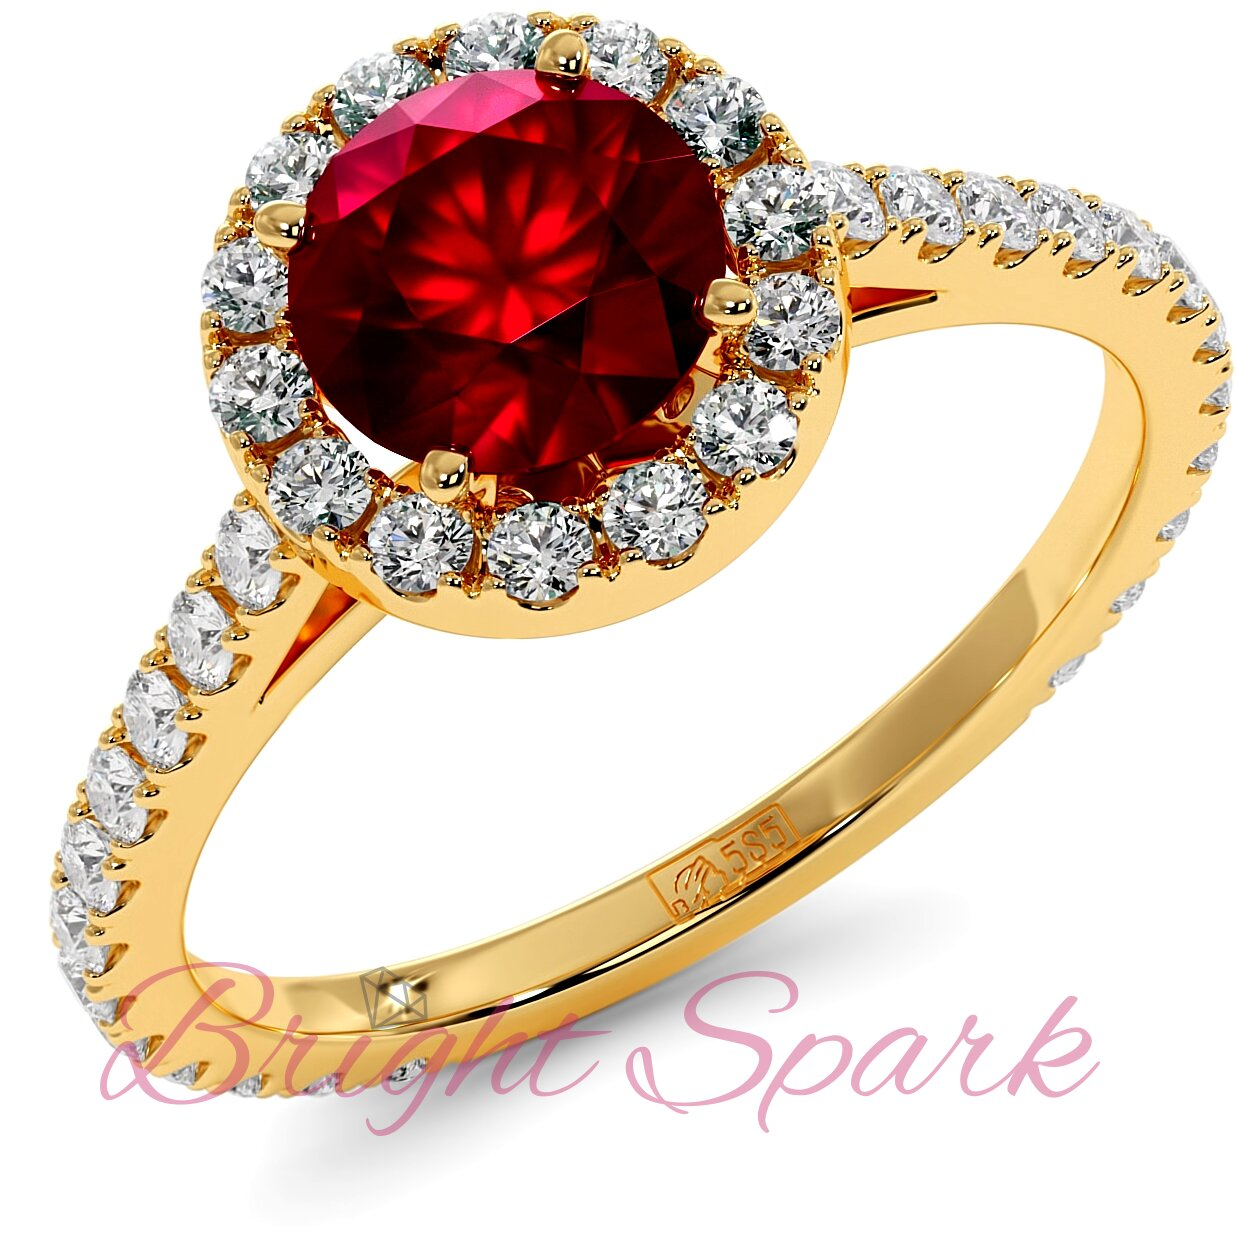 Помолвочное кольцо желтого золота с рубином 1,2 карата, ореолом и дорожкой